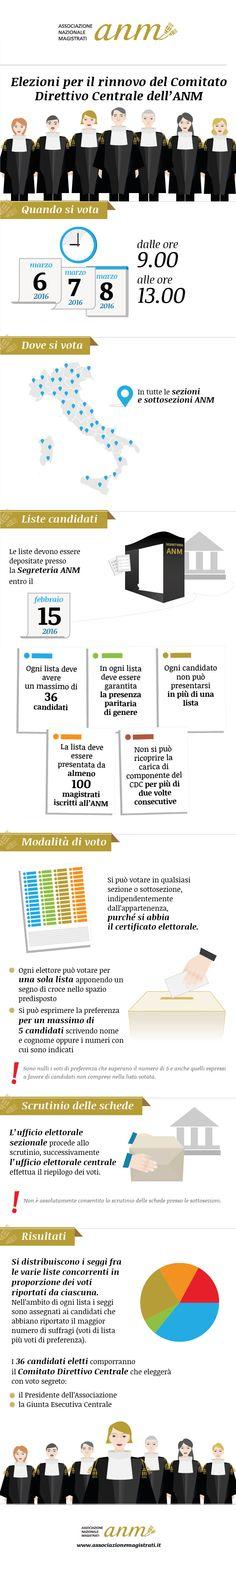 Elezioni per il rinnovo del Comitato Direttivo Centrale dell'#ANM http://bit.ly/1oxvYUY